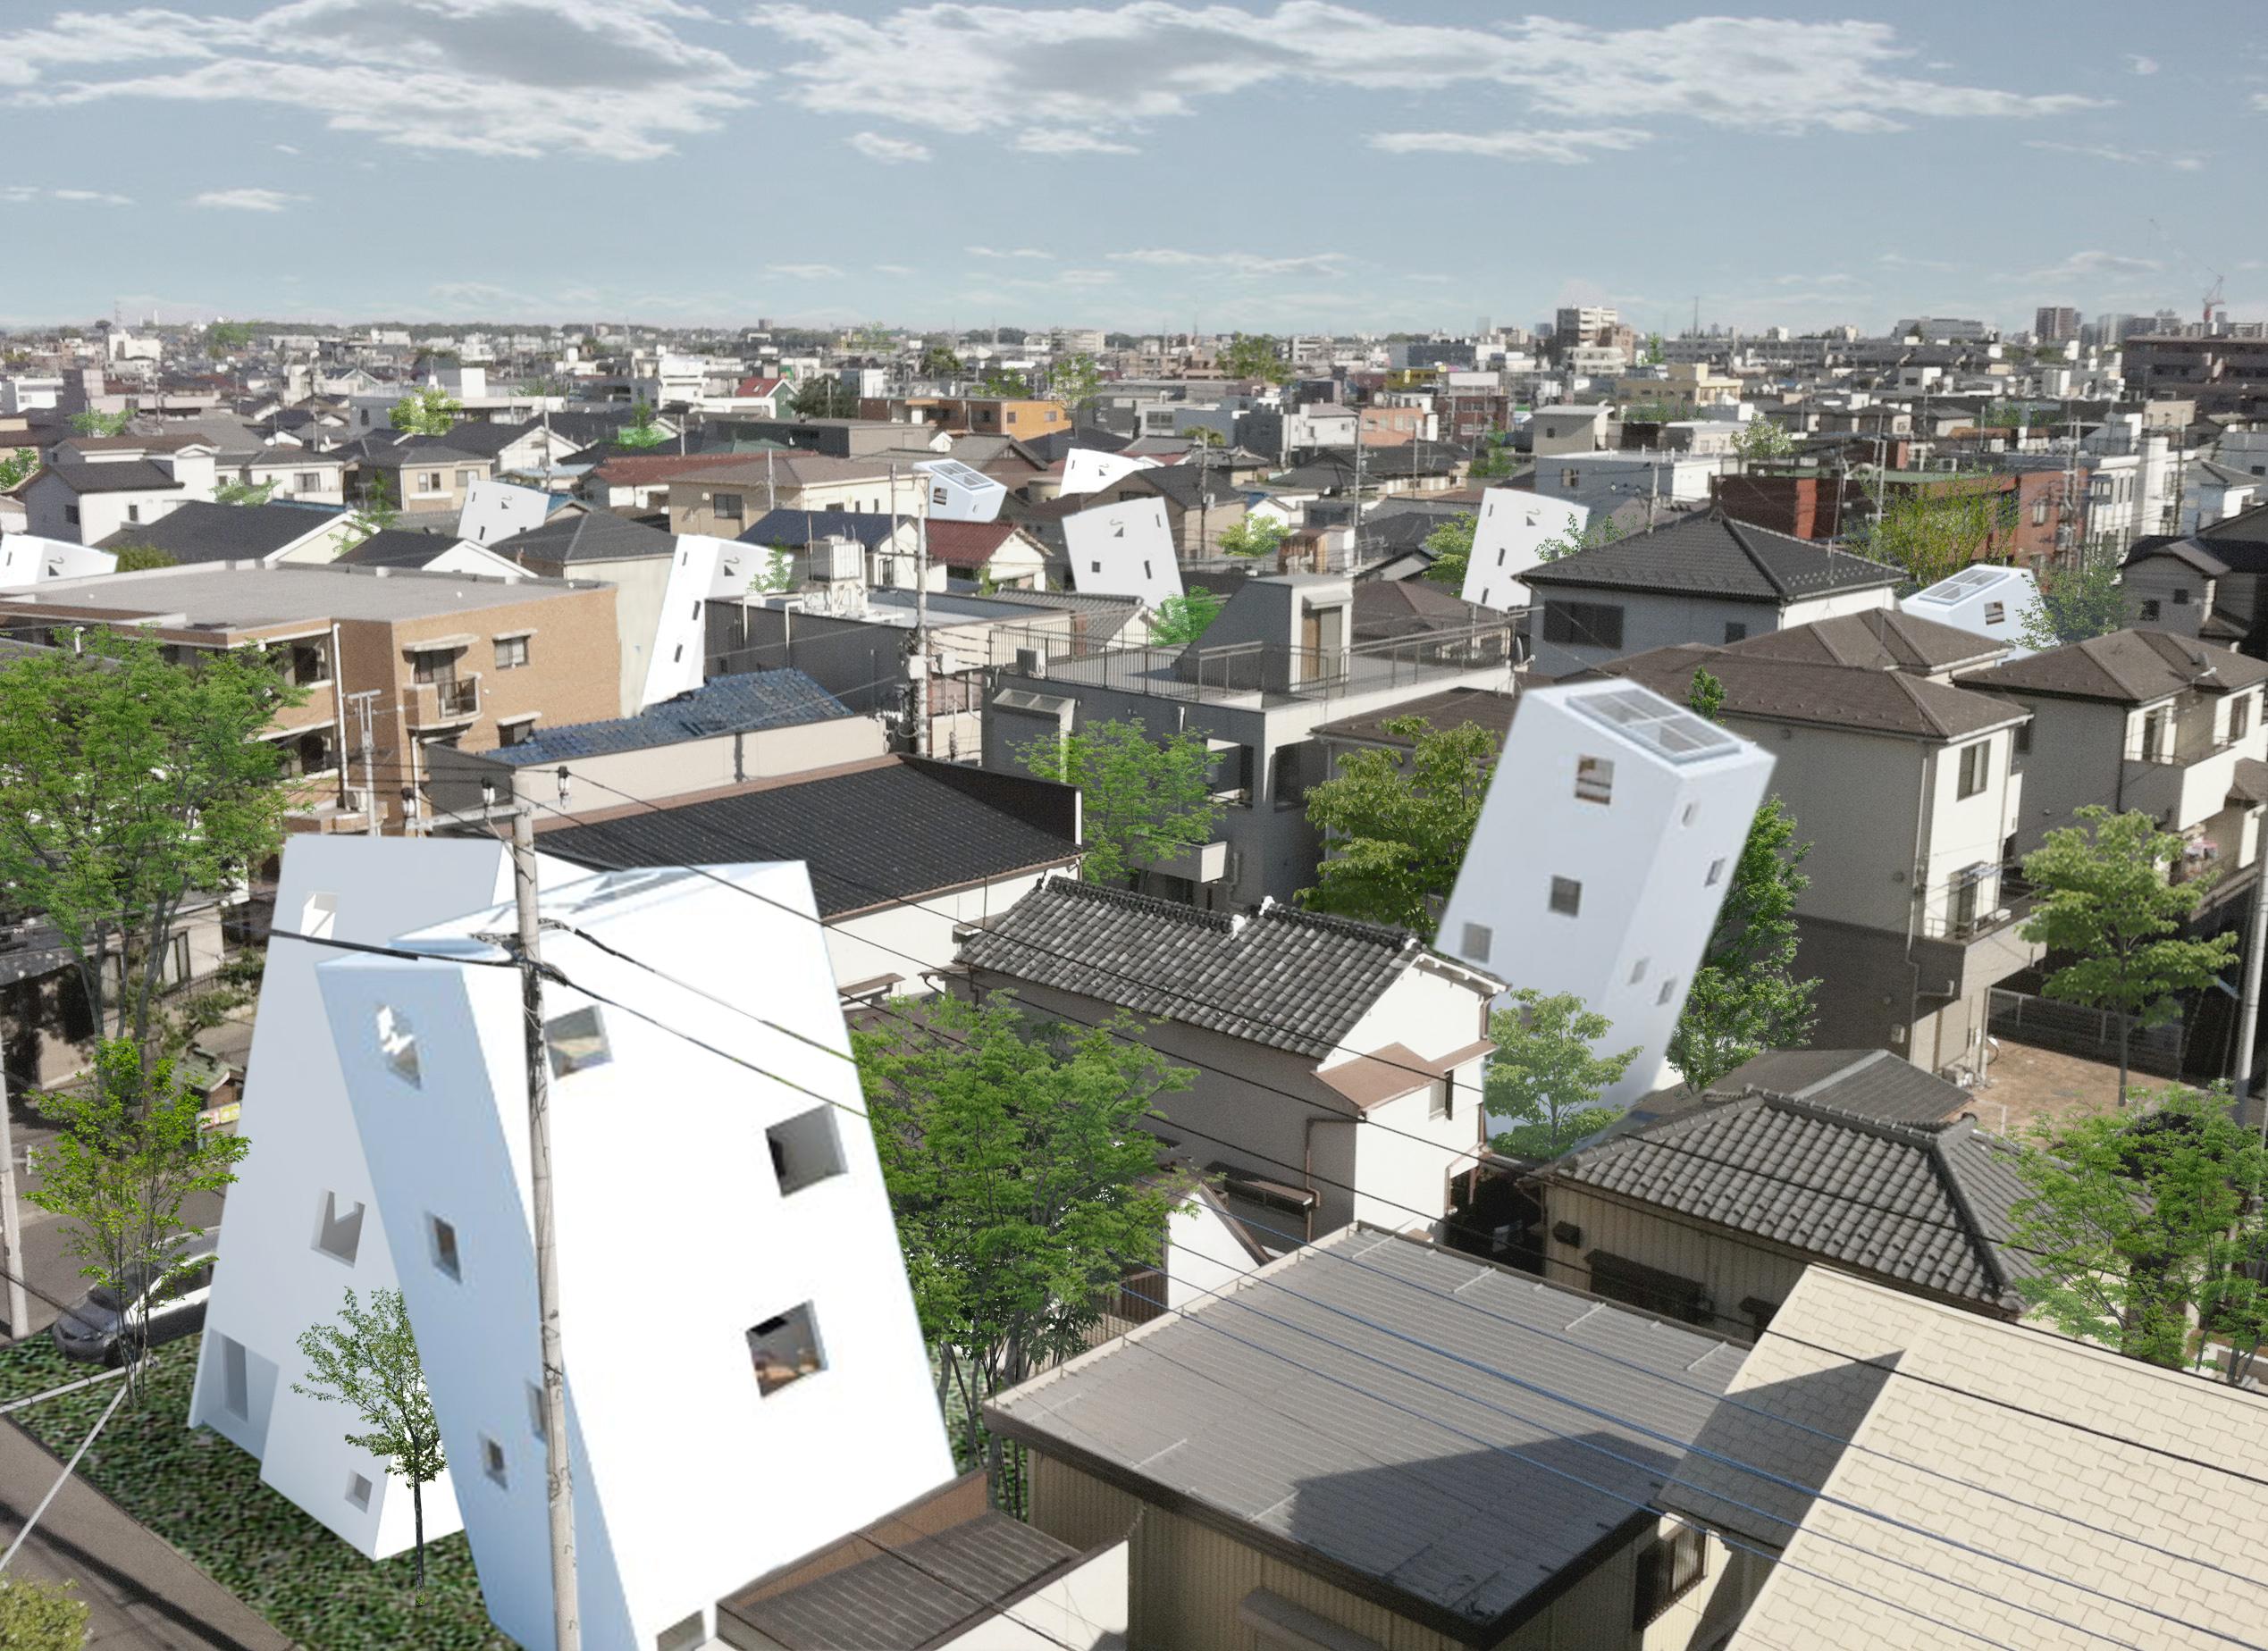 楽しい街並み 日本 Att アトリエトート